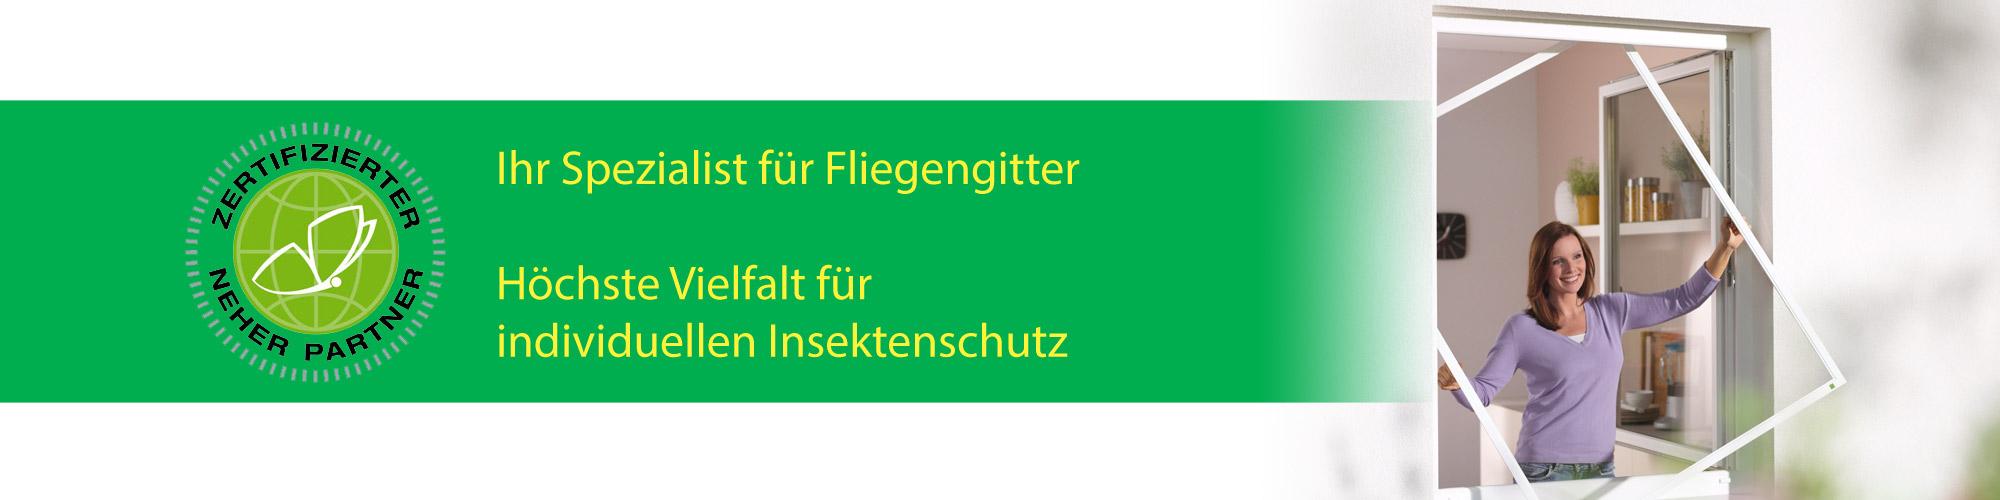 Sonflie-03-Fliegengitter01